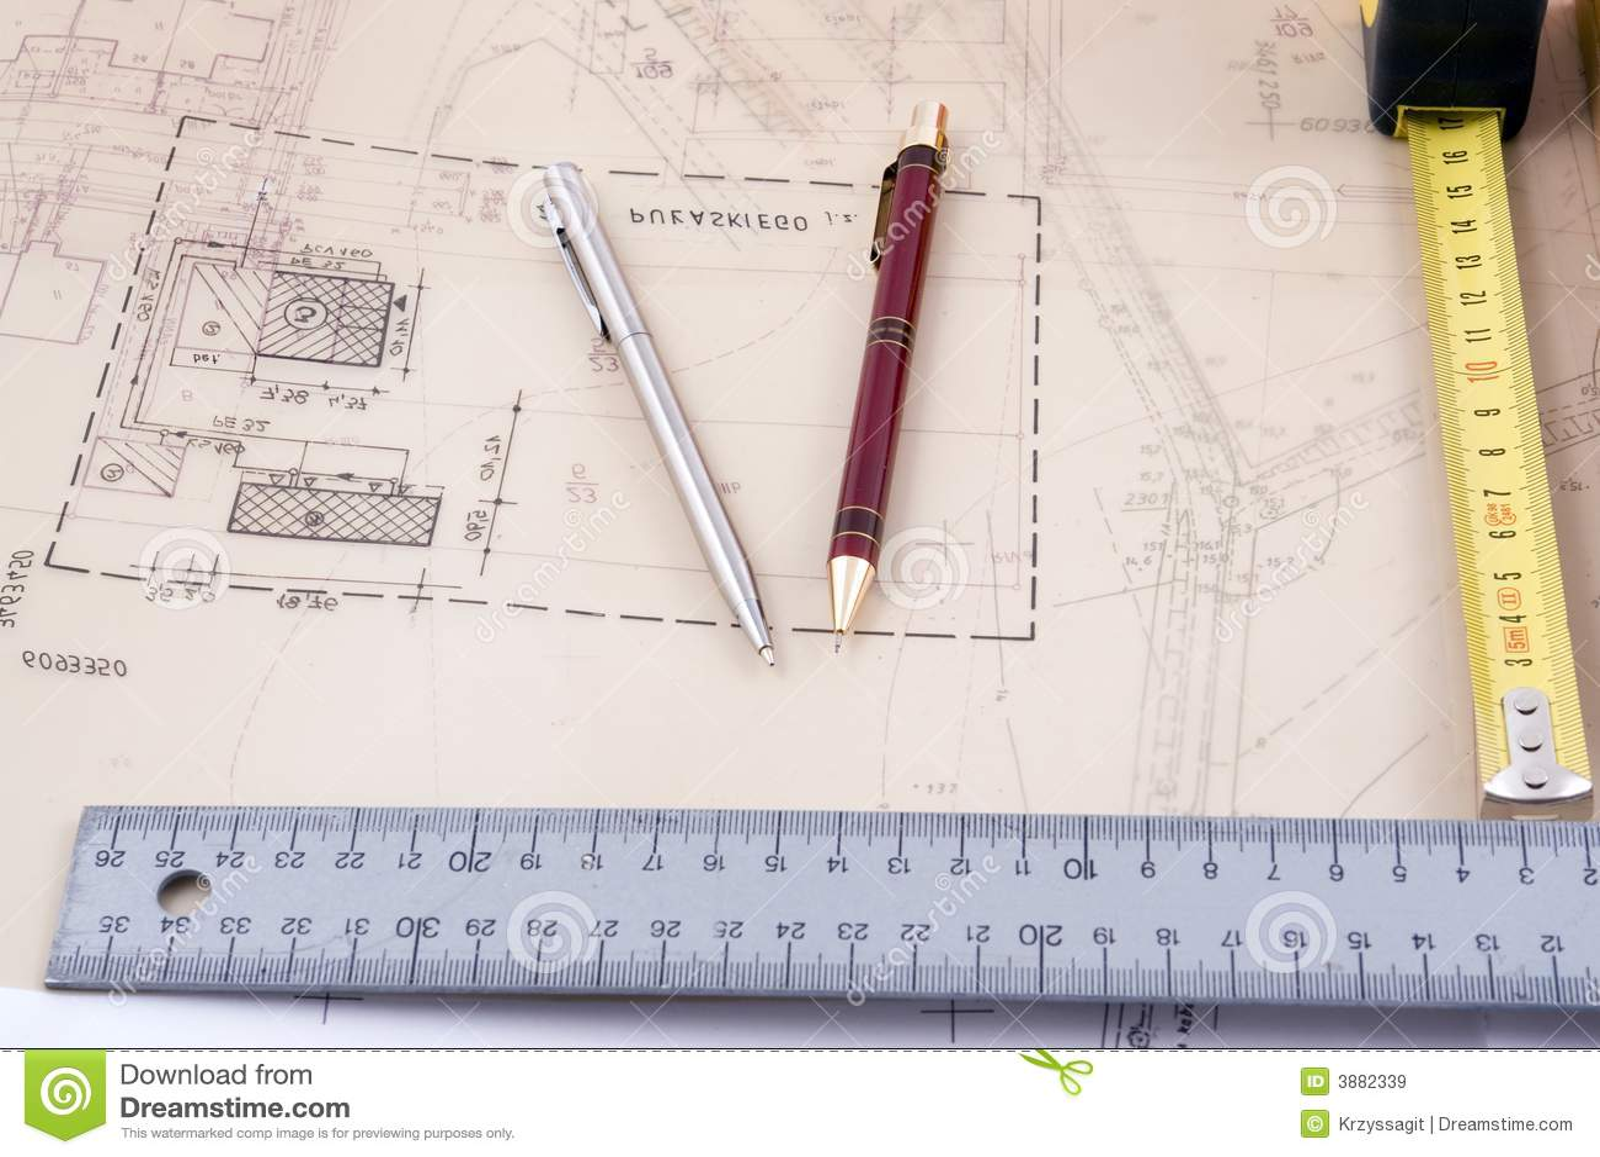 Architectural Design Tools